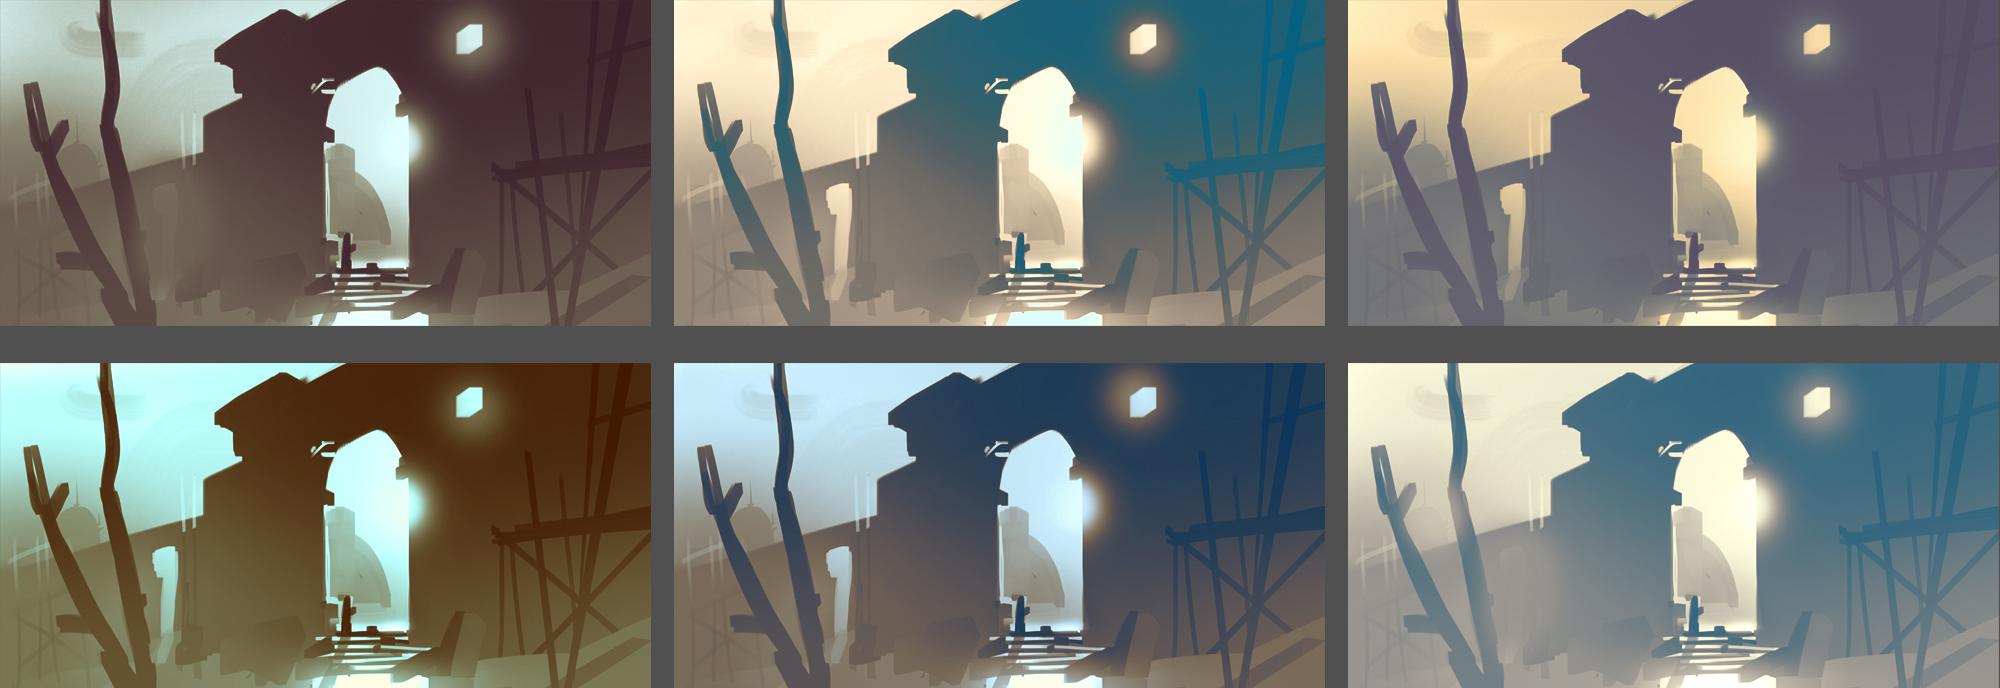 env-sketches_color.jpg